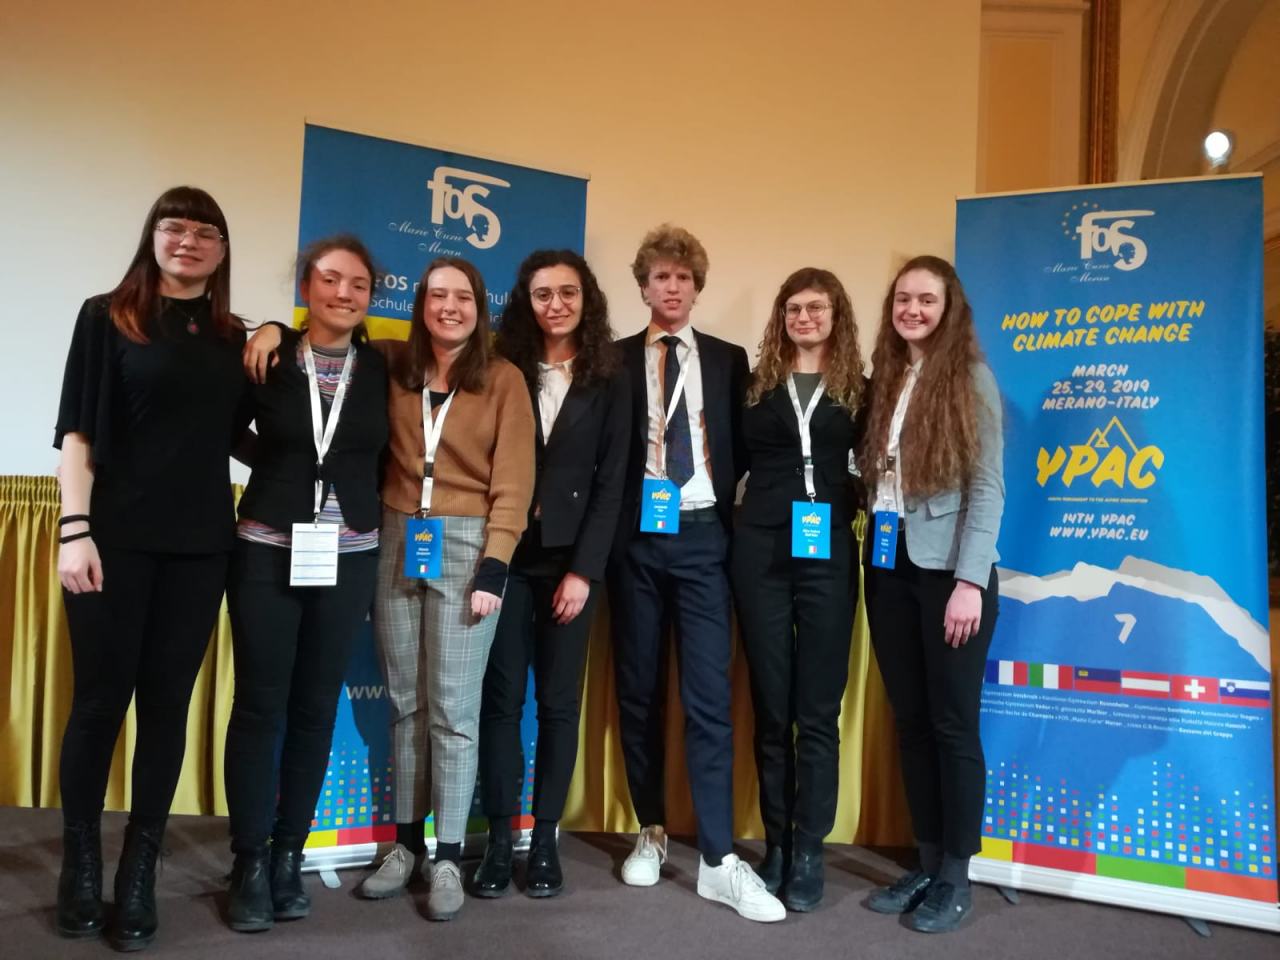 Parlamento dei Giovani della Convenzione delle Alpi